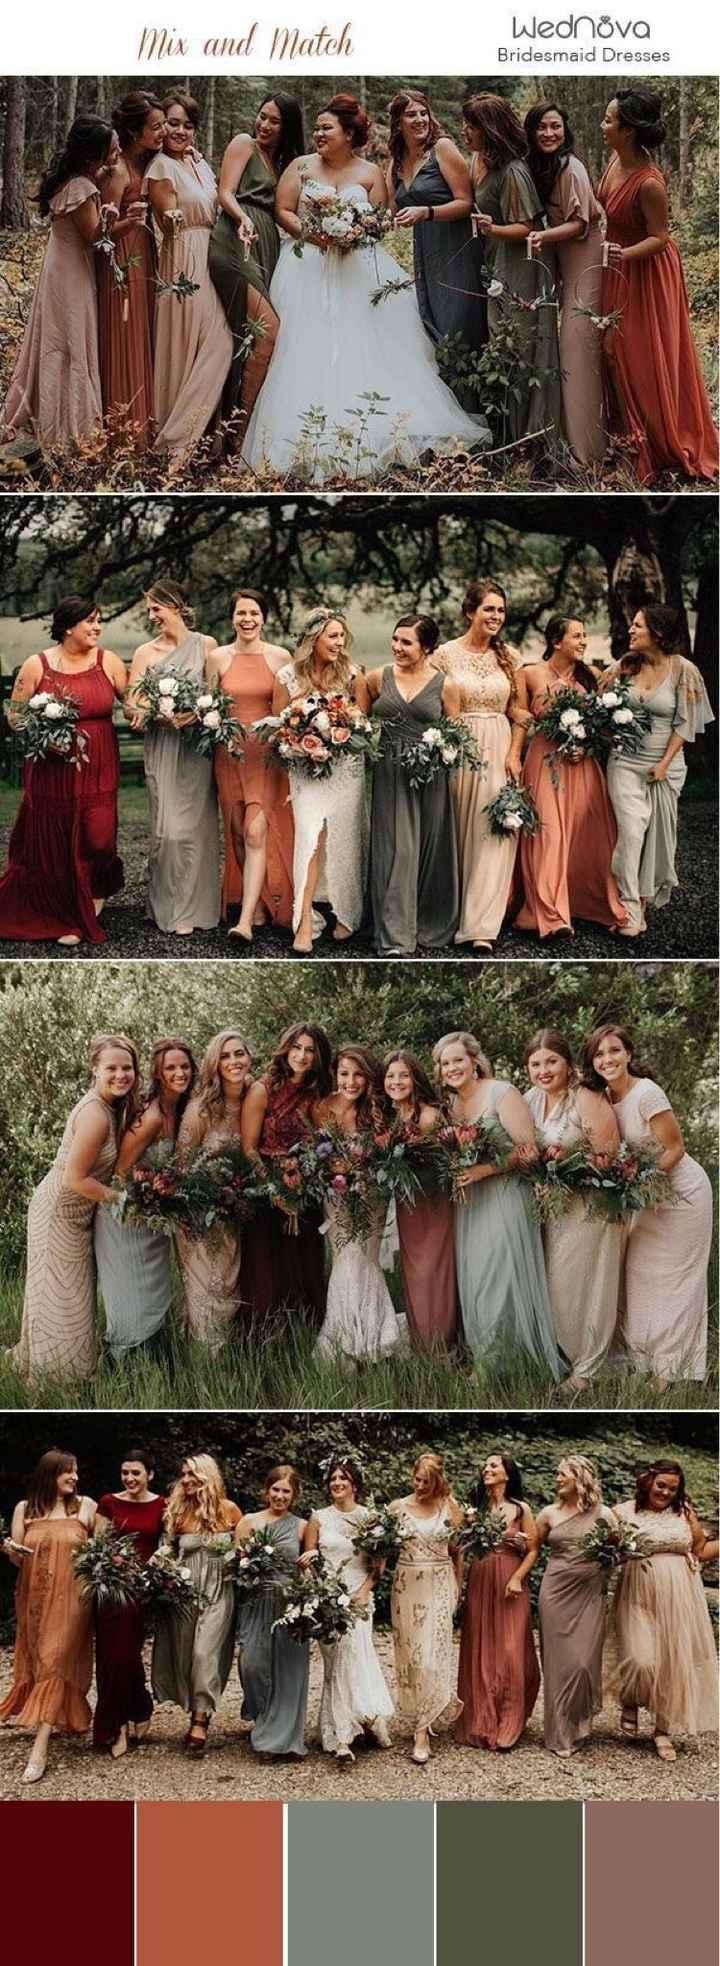 Mix and Match Bridesmaids - 2